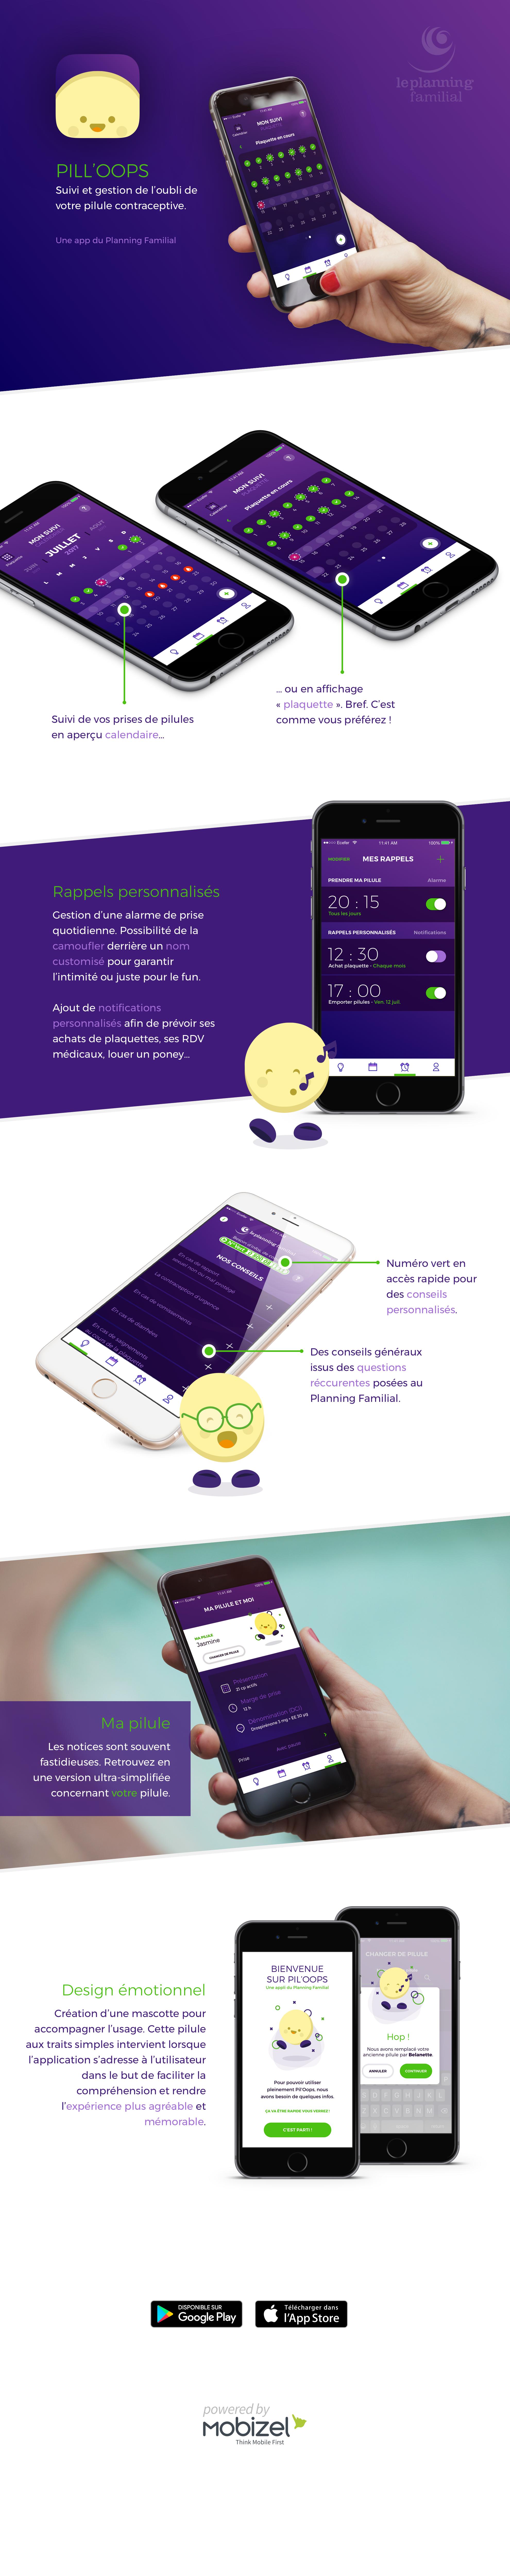 Infographie : Design de Pil'Oops, l'application mobile du Planning familial pour suivre sa pilule contraceptive